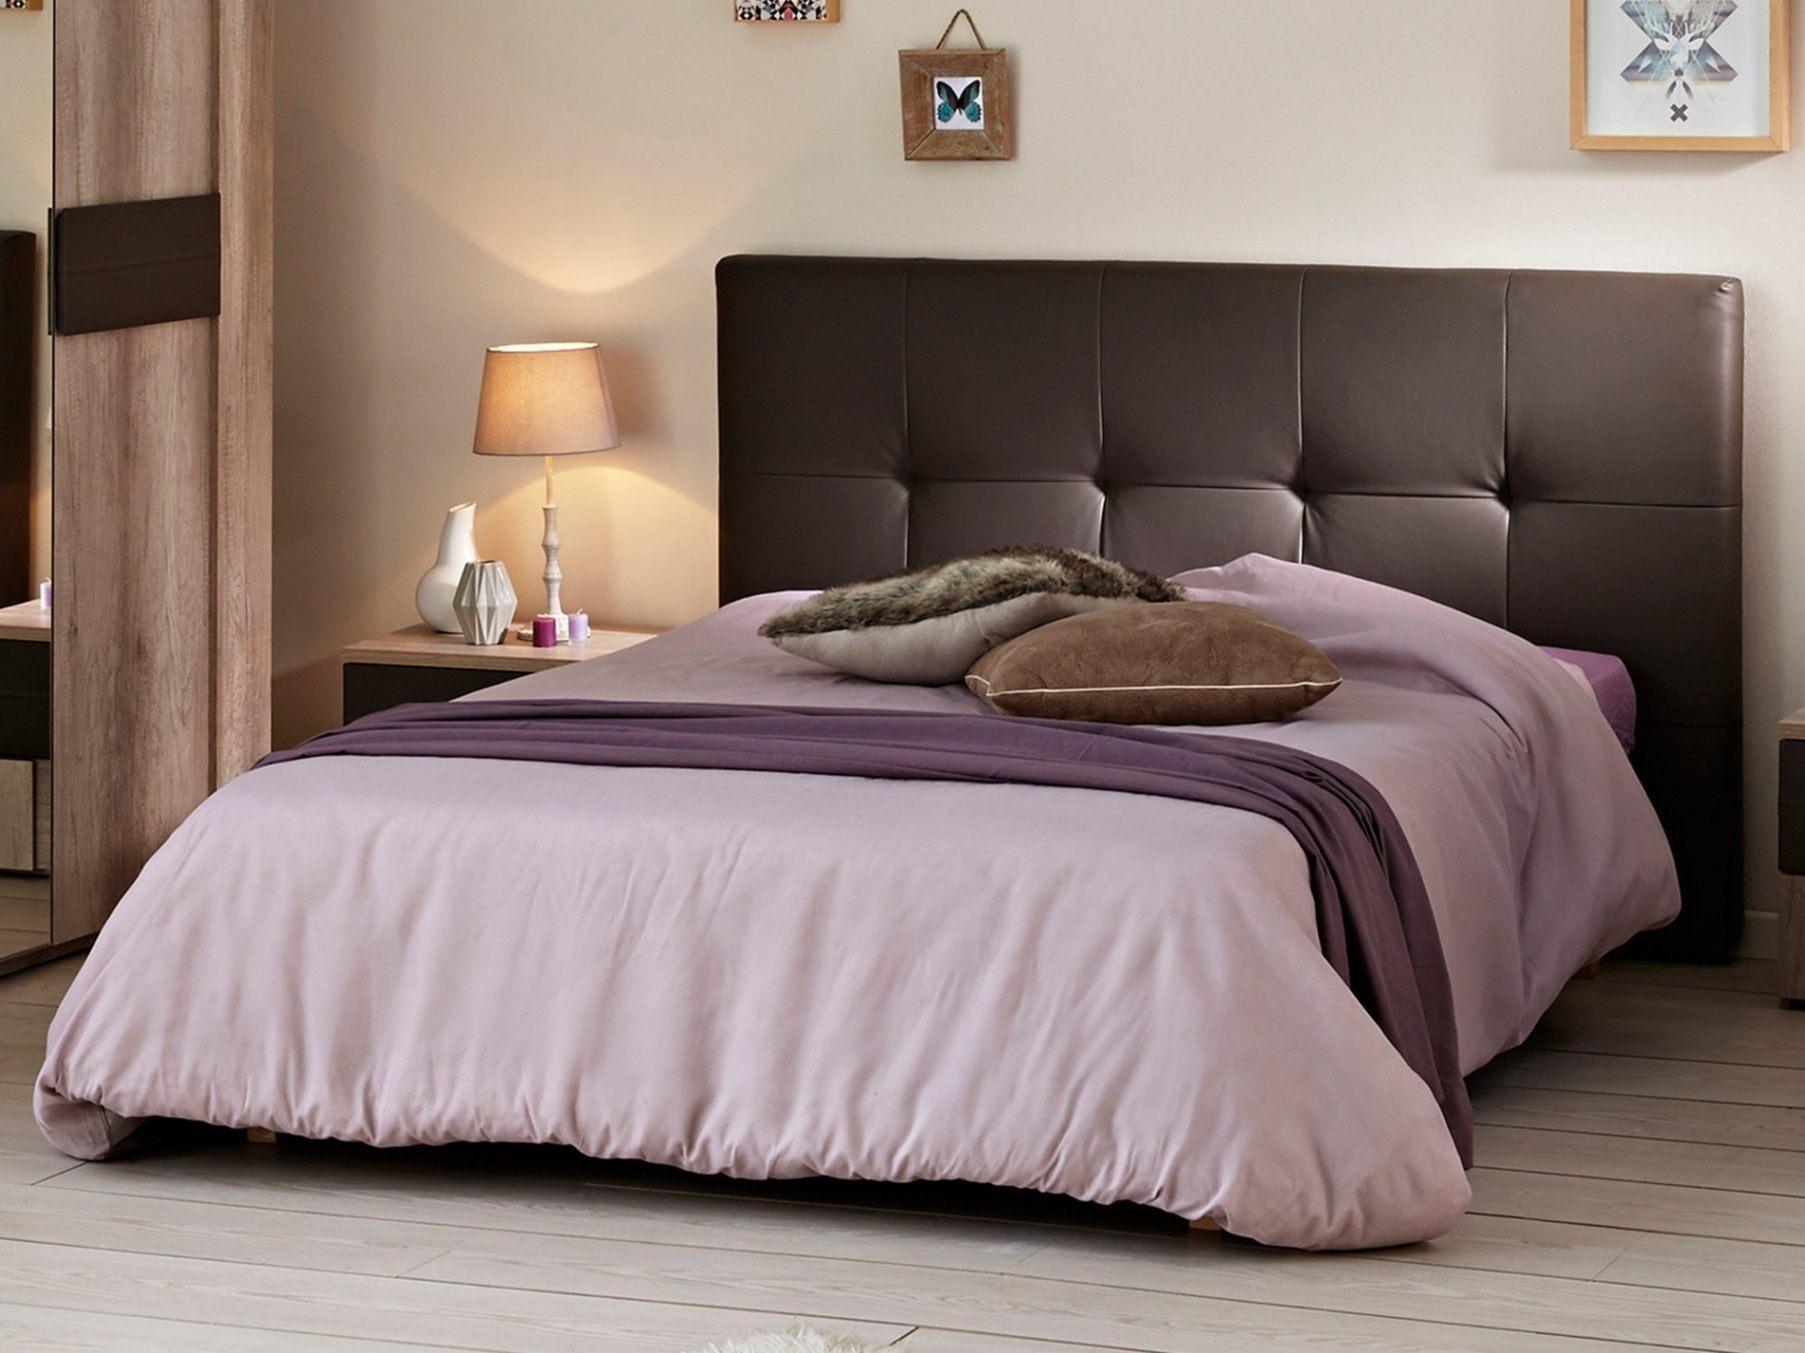 Ikea Tete De Lit 140 Luxe Tete De Lit En 140 Pas Cher élégant Image Housse De Couette 200 200